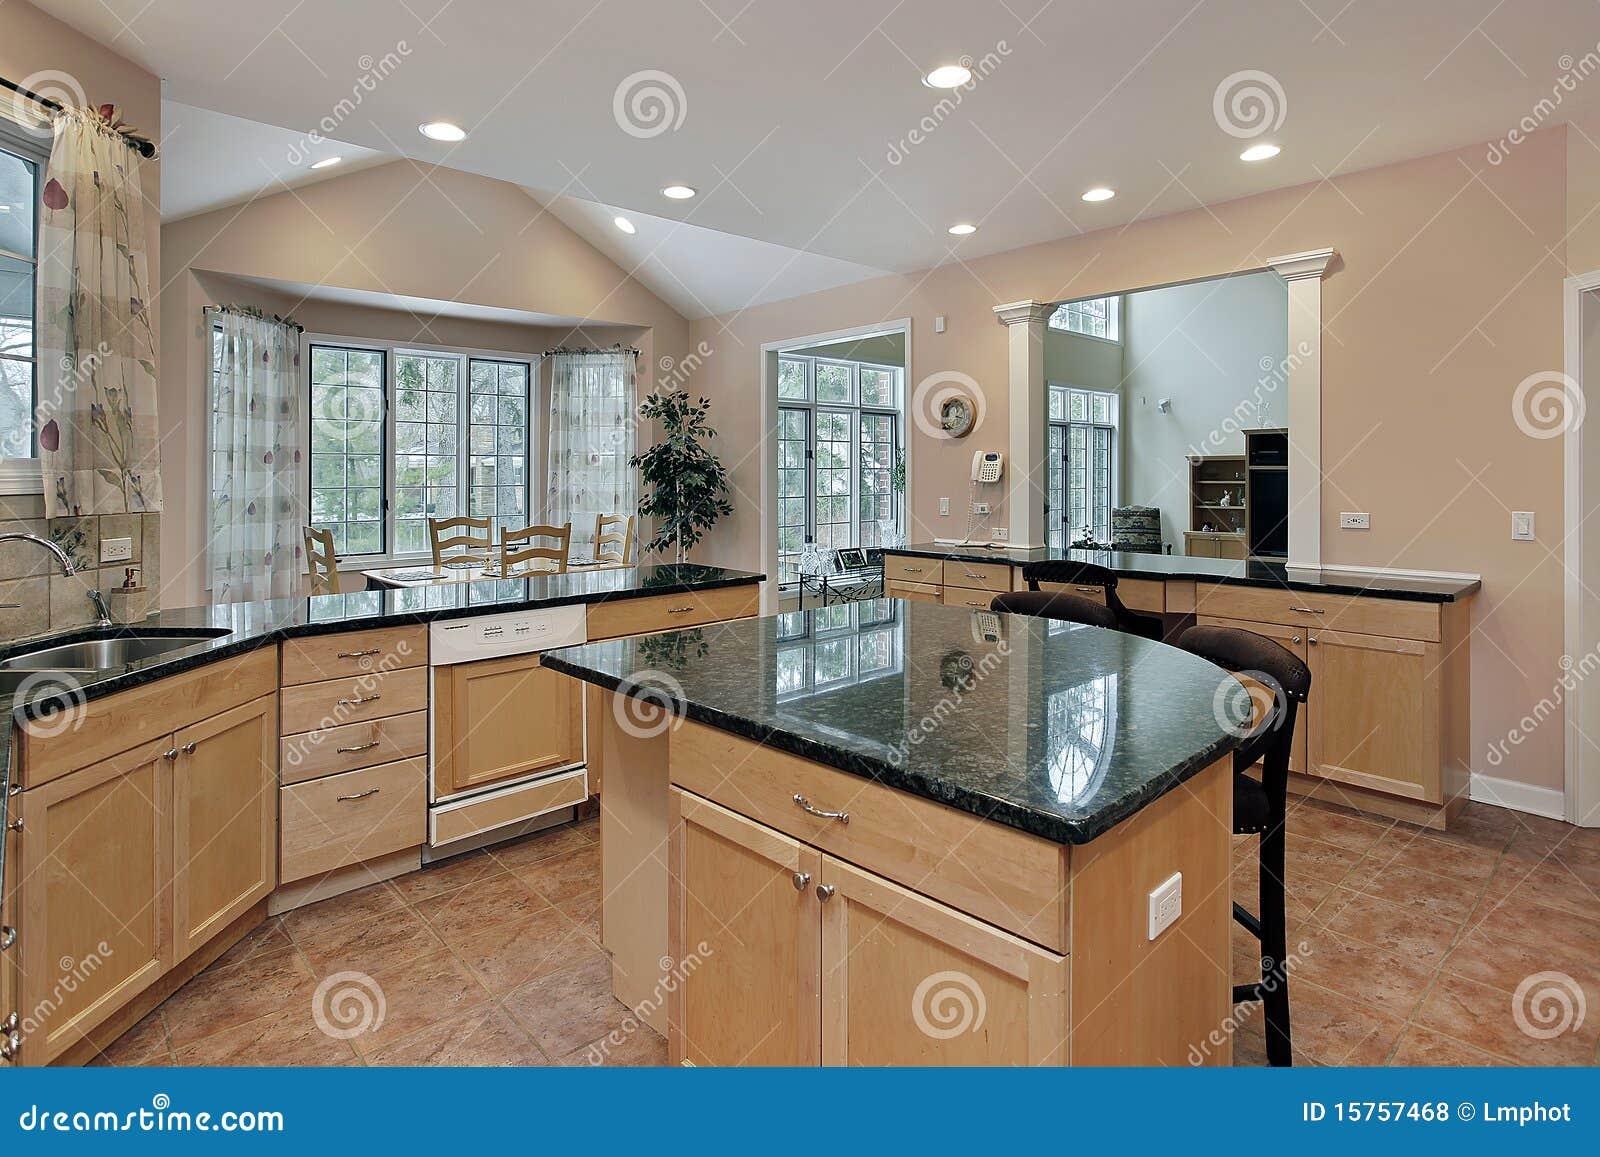 Keuken met marmeren hoogste eiland royalty vrije stock foto 39 s afbeelding 15757468 - Eiland maaltijd ...